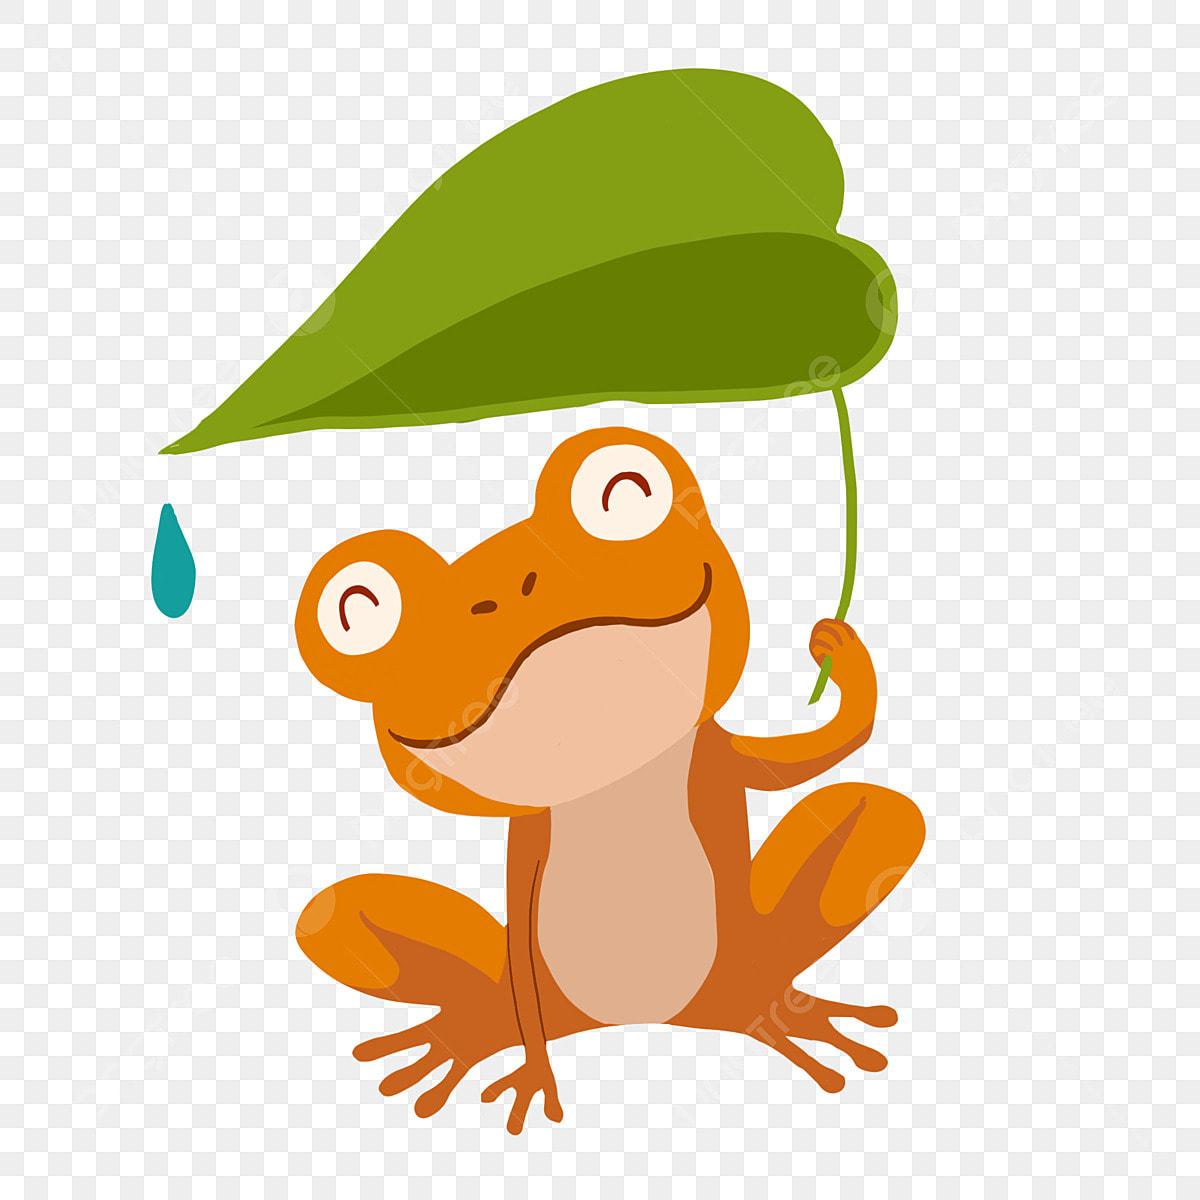 緑の葉 カエル 動物 オレンジ色のカエルの漫画イラスト 緑の葉